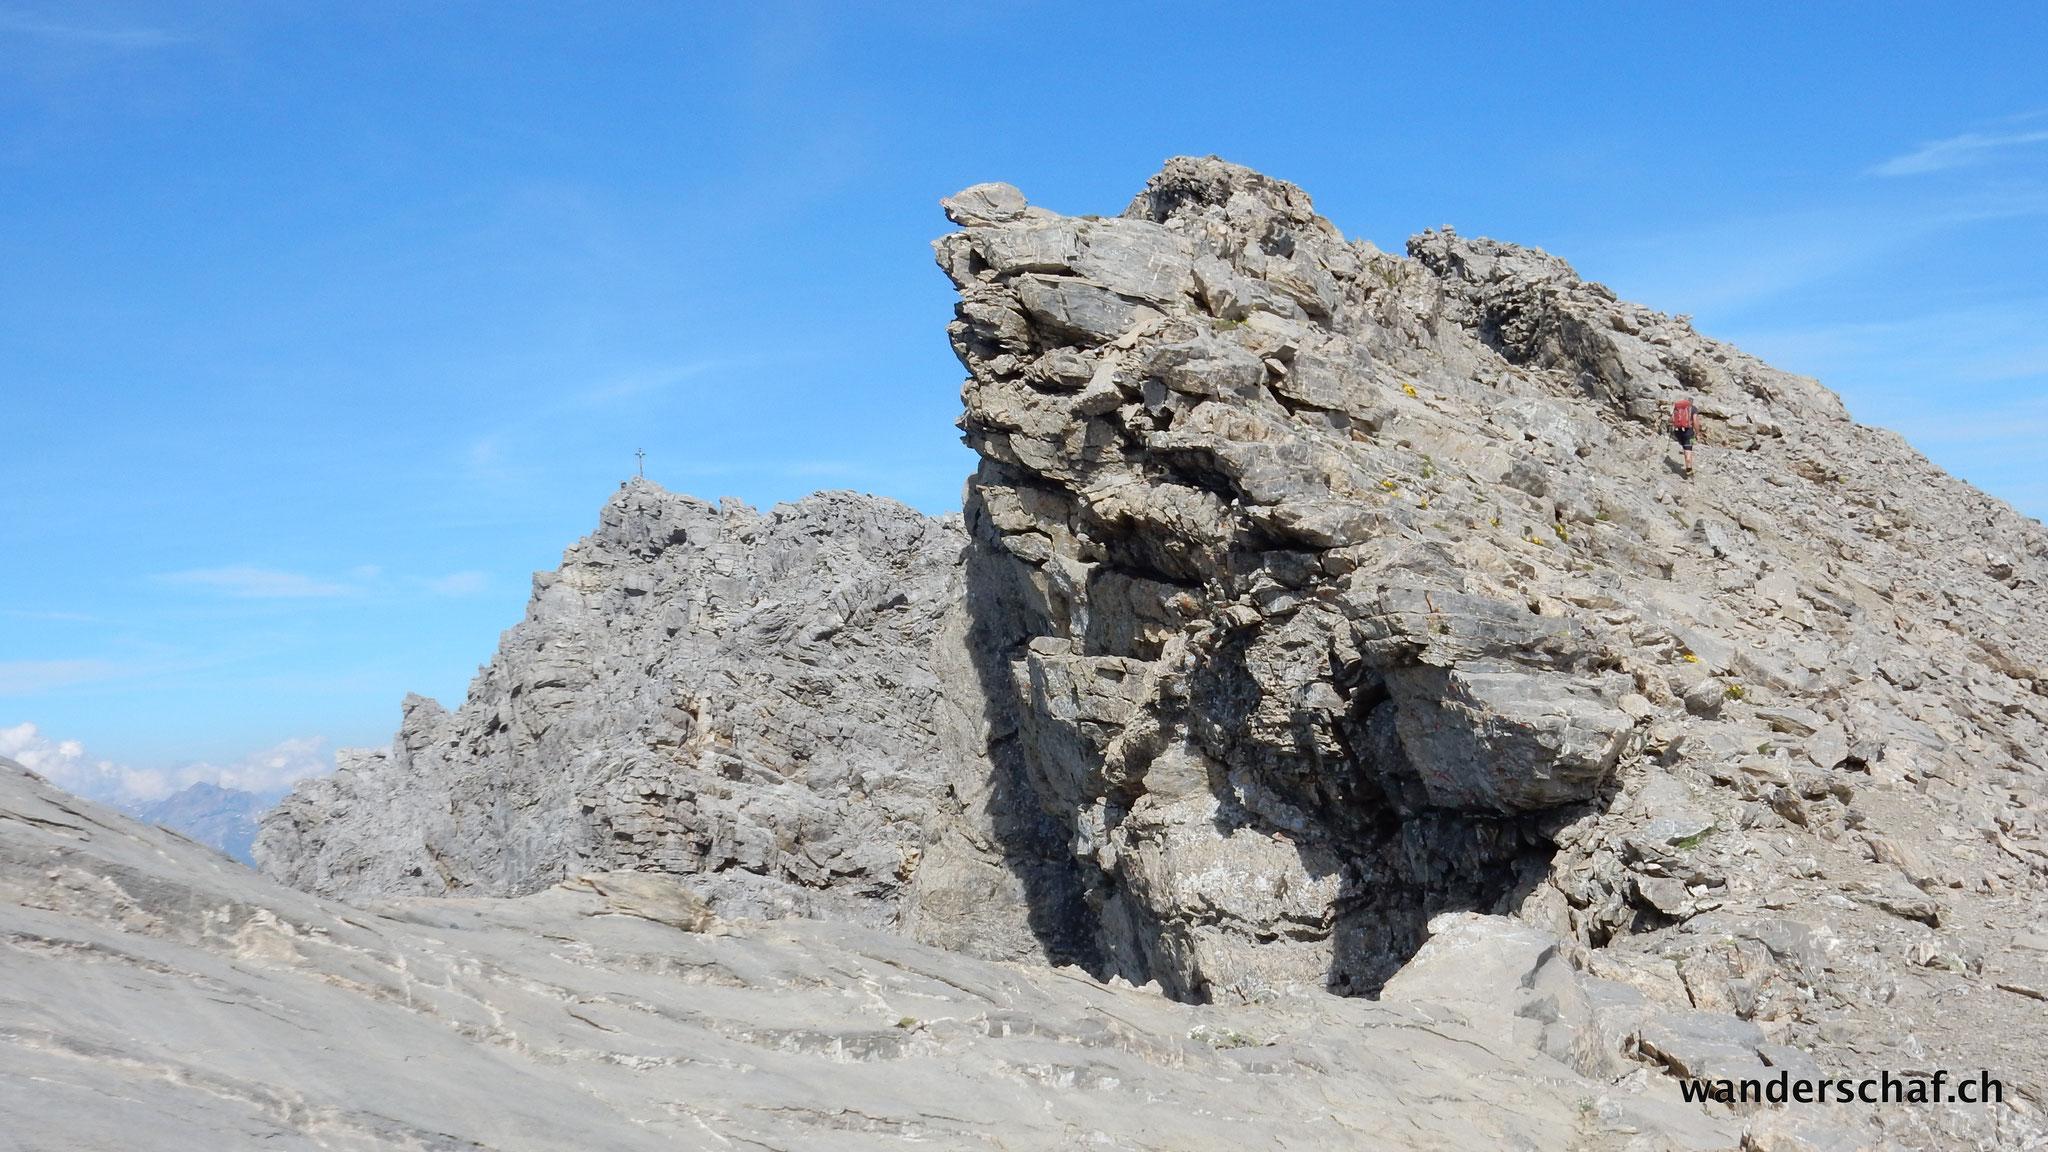 Gipfel vom Wildberg in Sicht